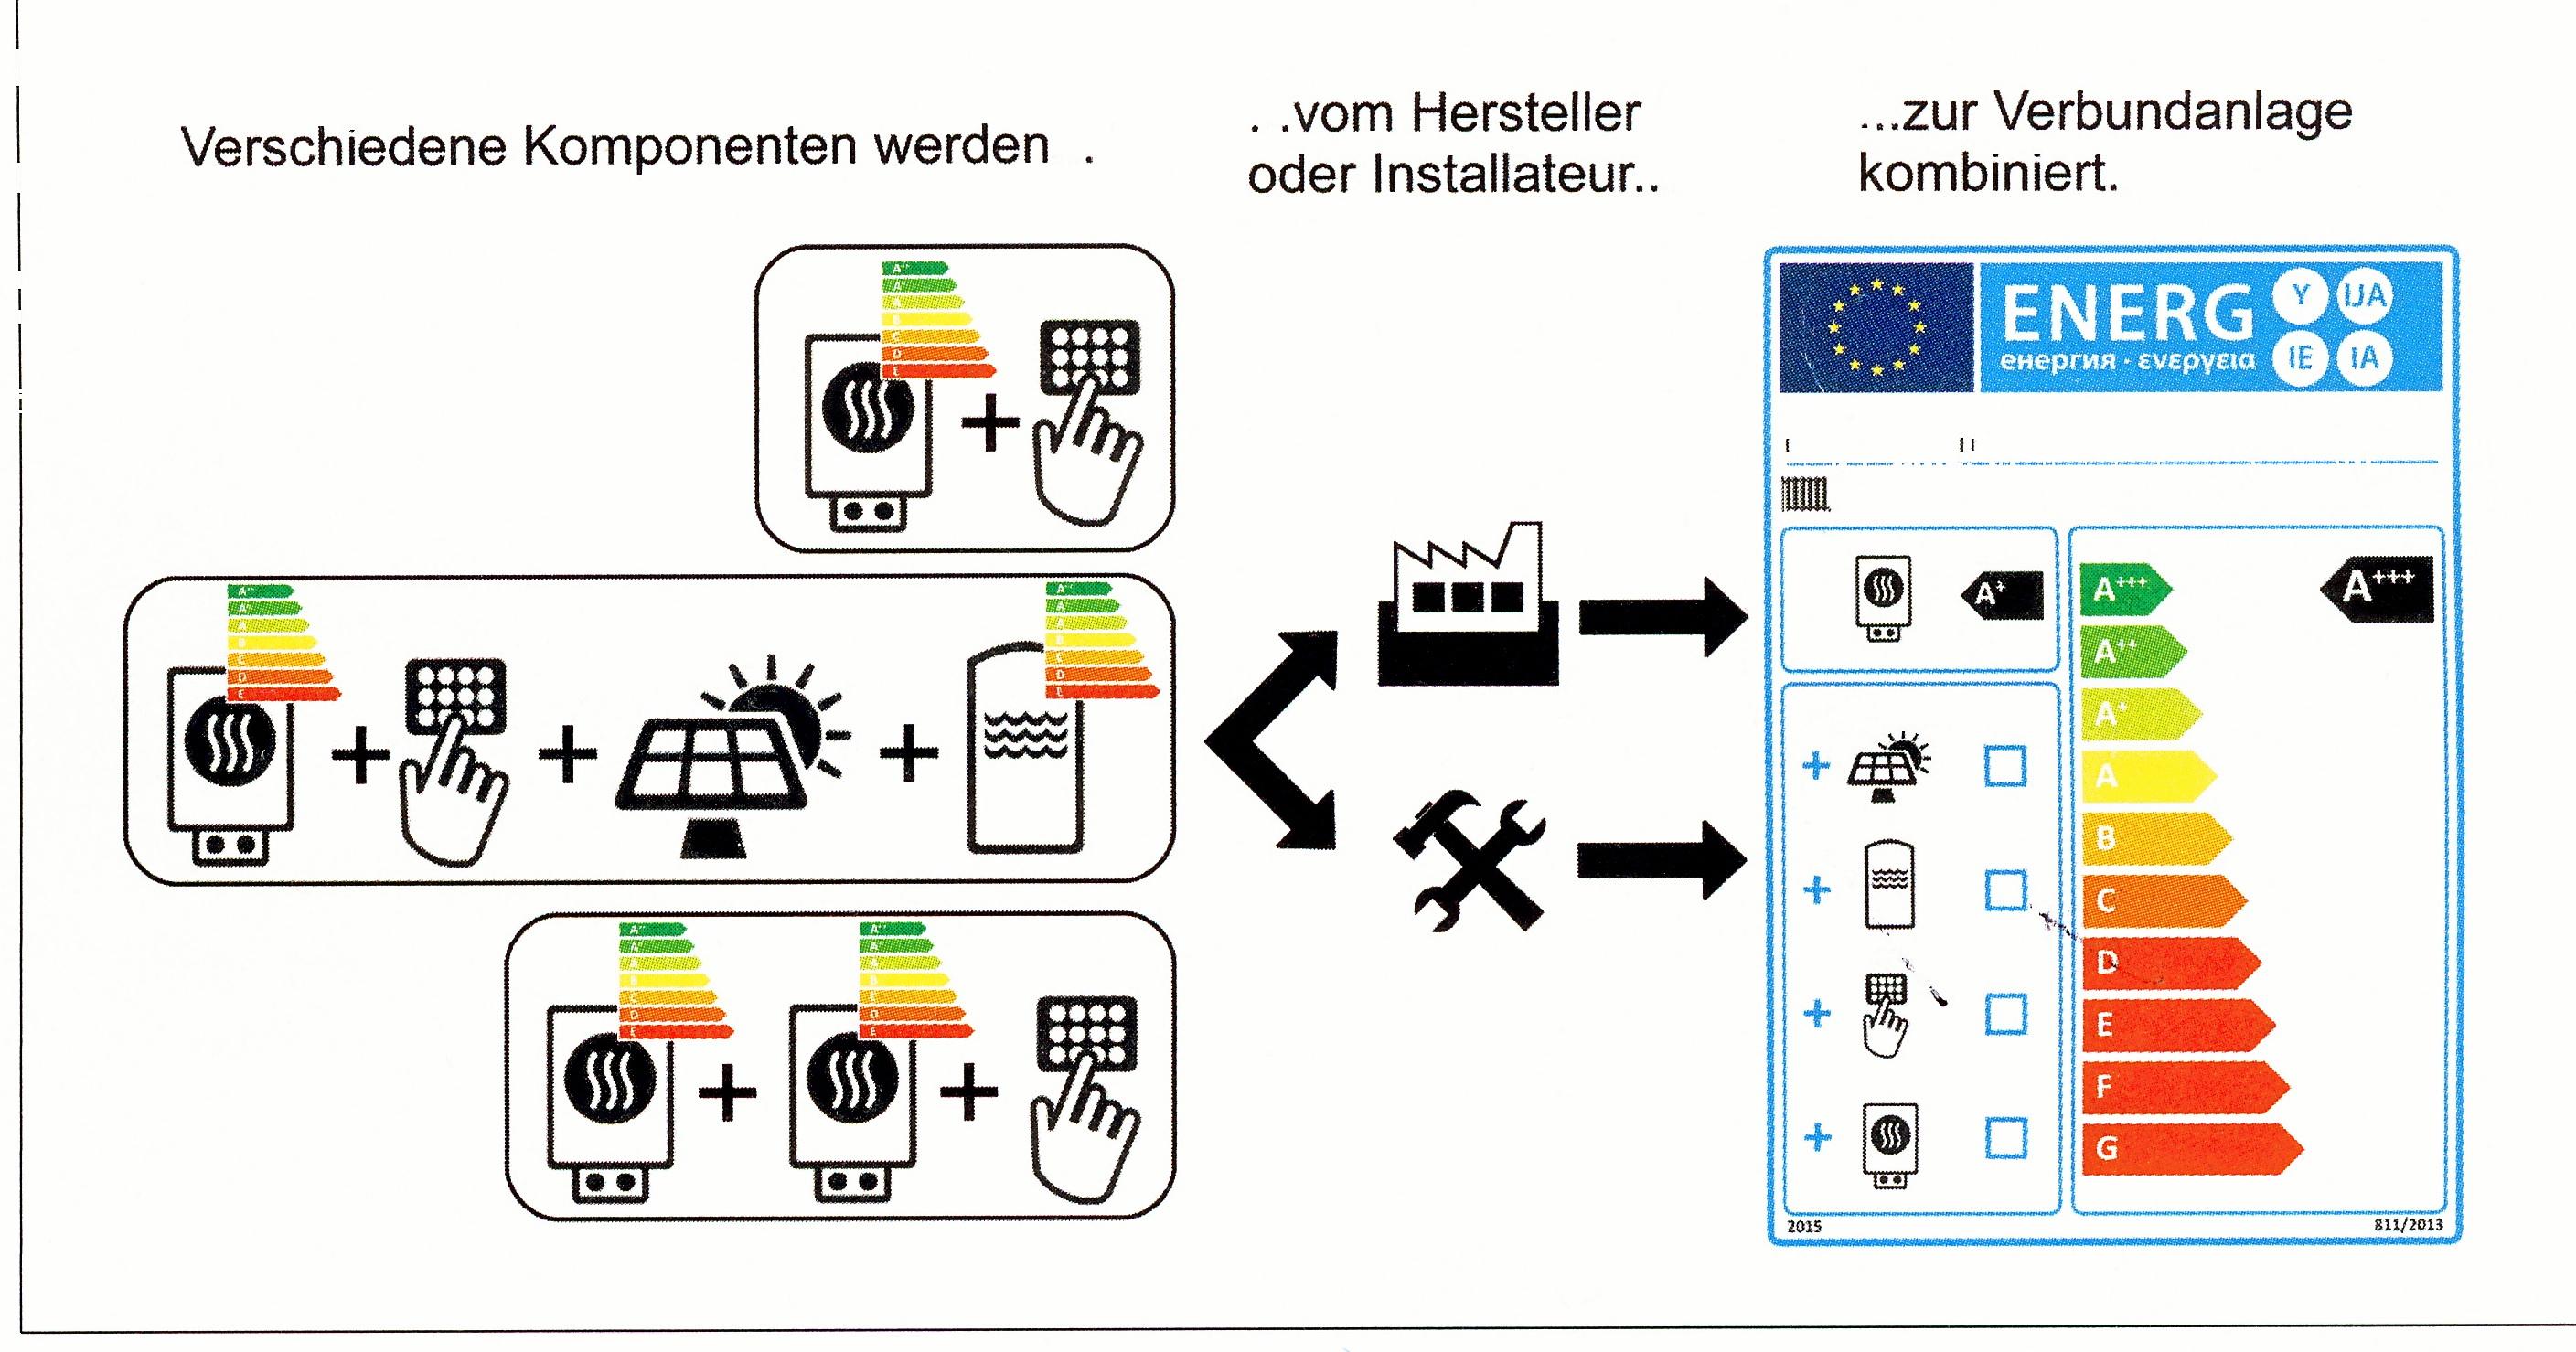 Fein Zwei Warmwasserbereiter Sanitär Diagramm Bilder - Schaltplan ...